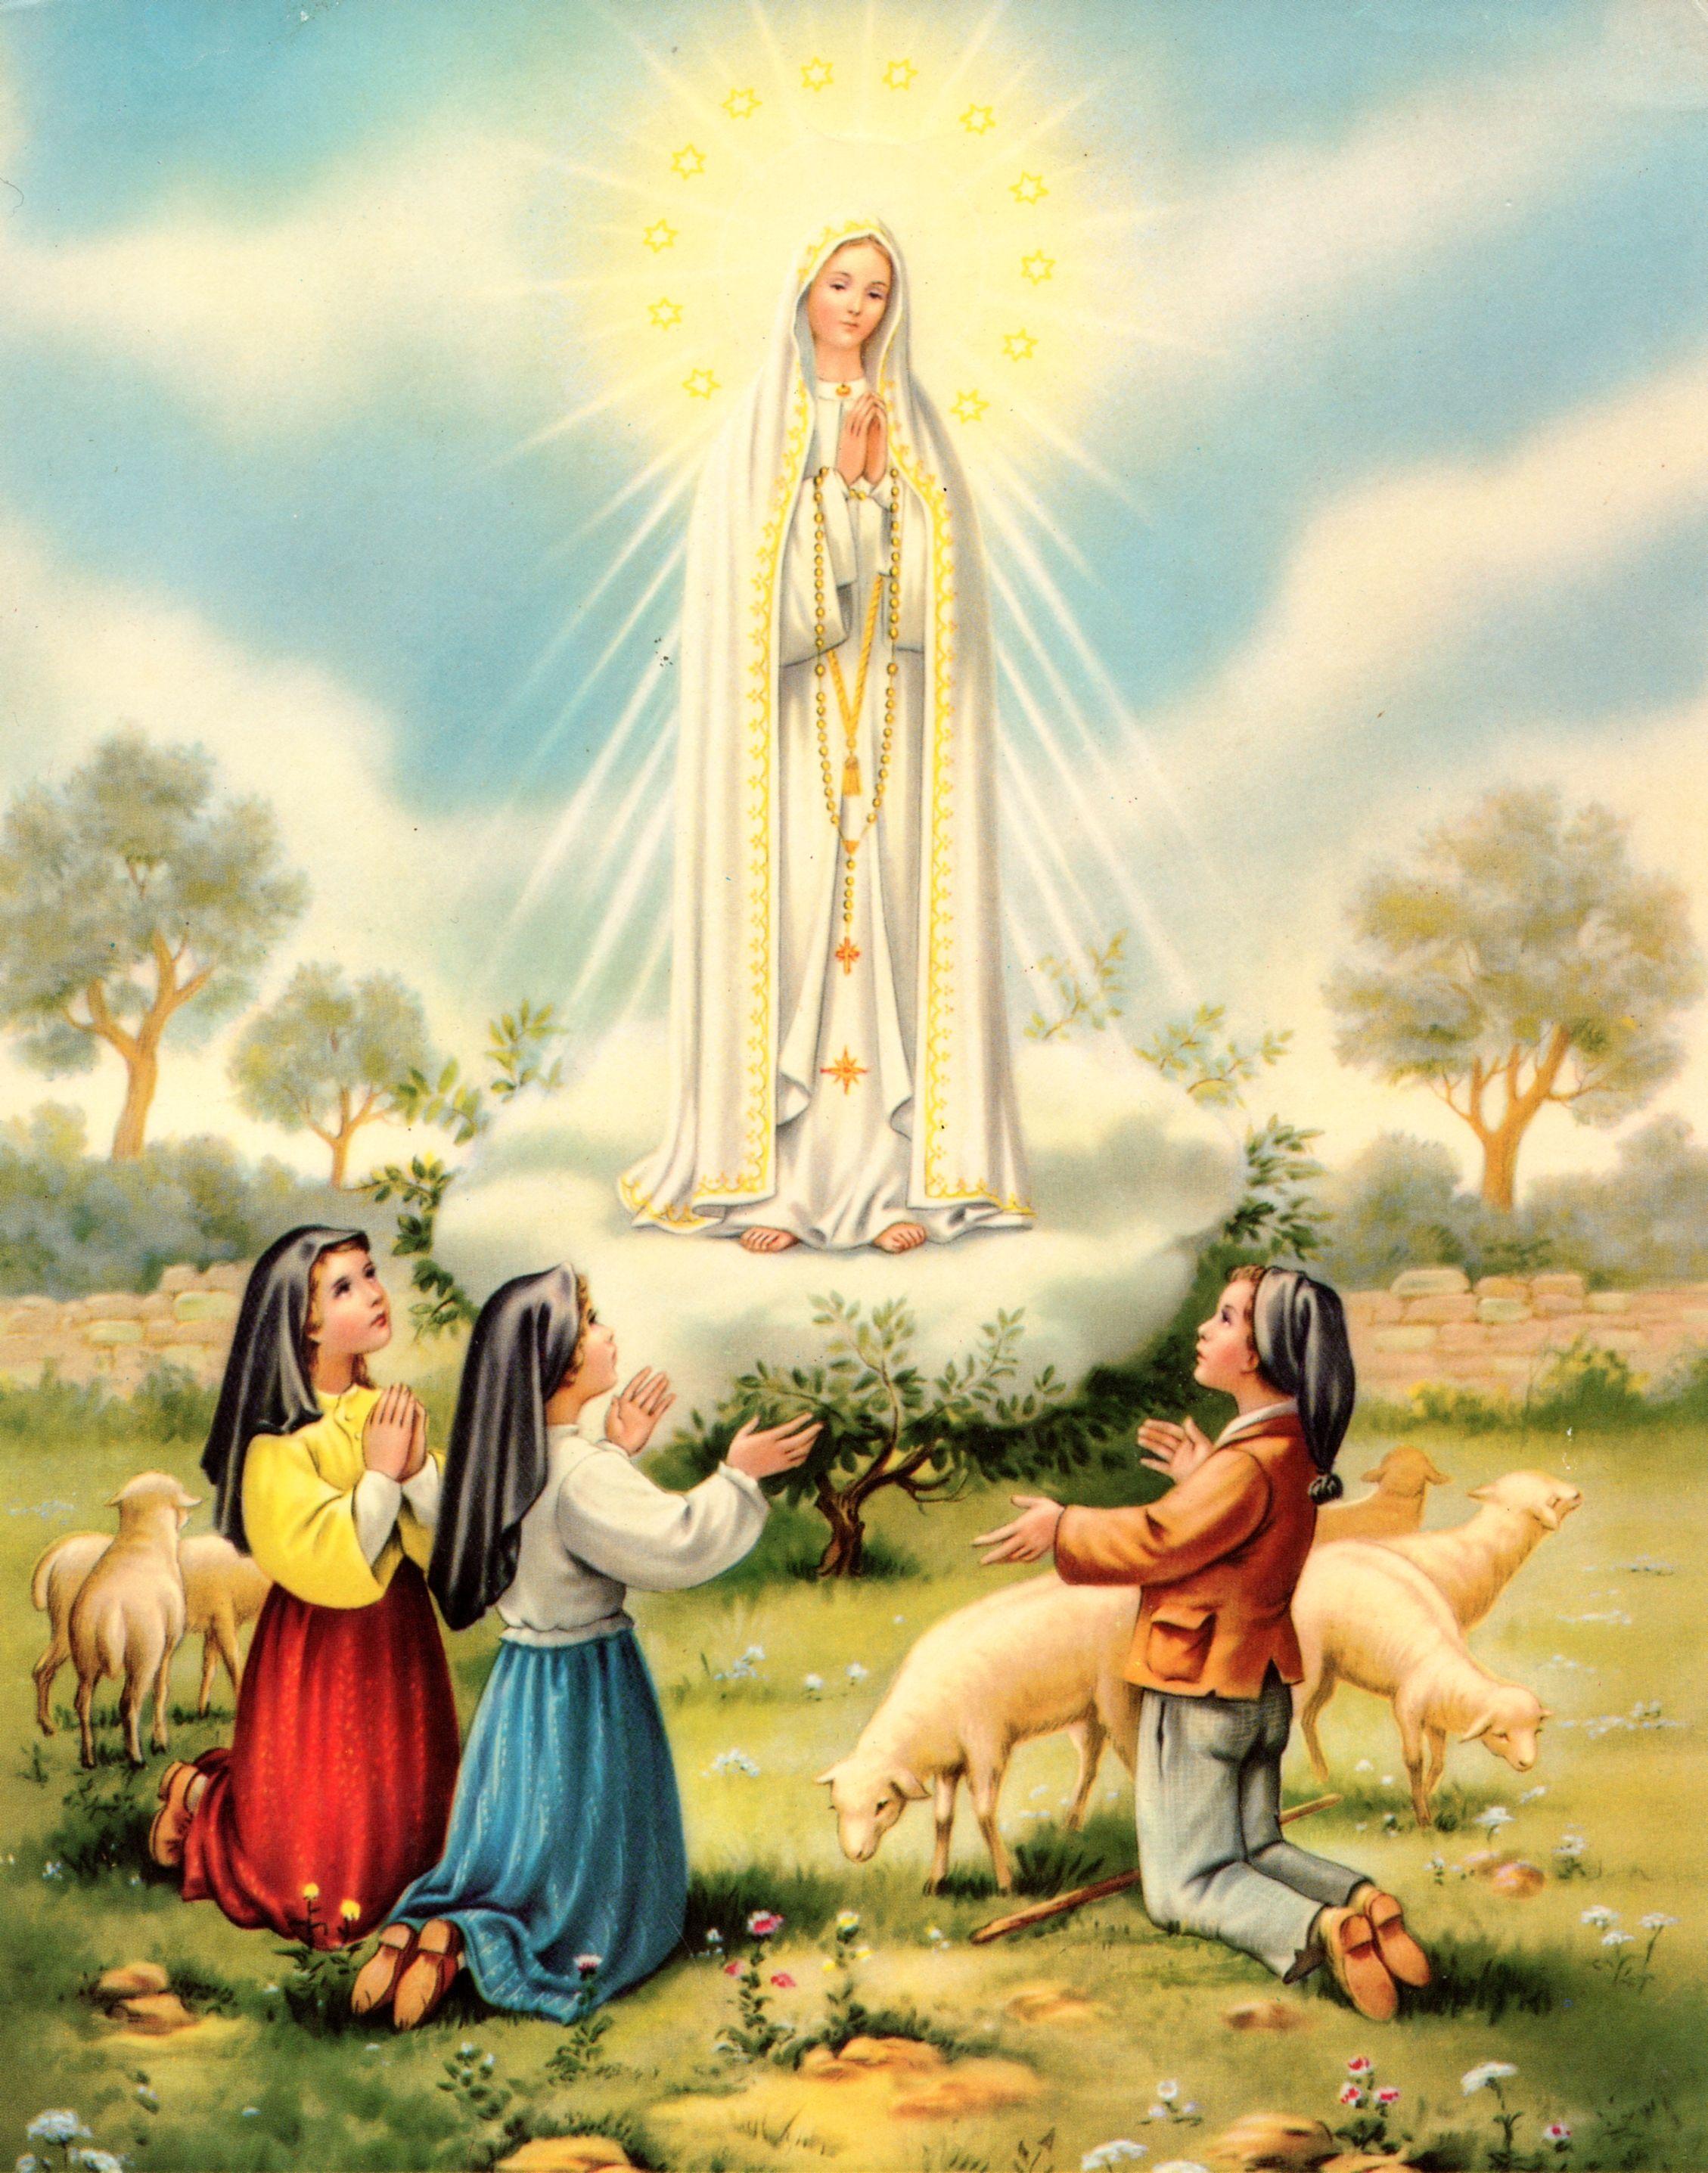 Nuestra Senora De Fatima Con Los Tres Pastorcitos De Cova De Iria